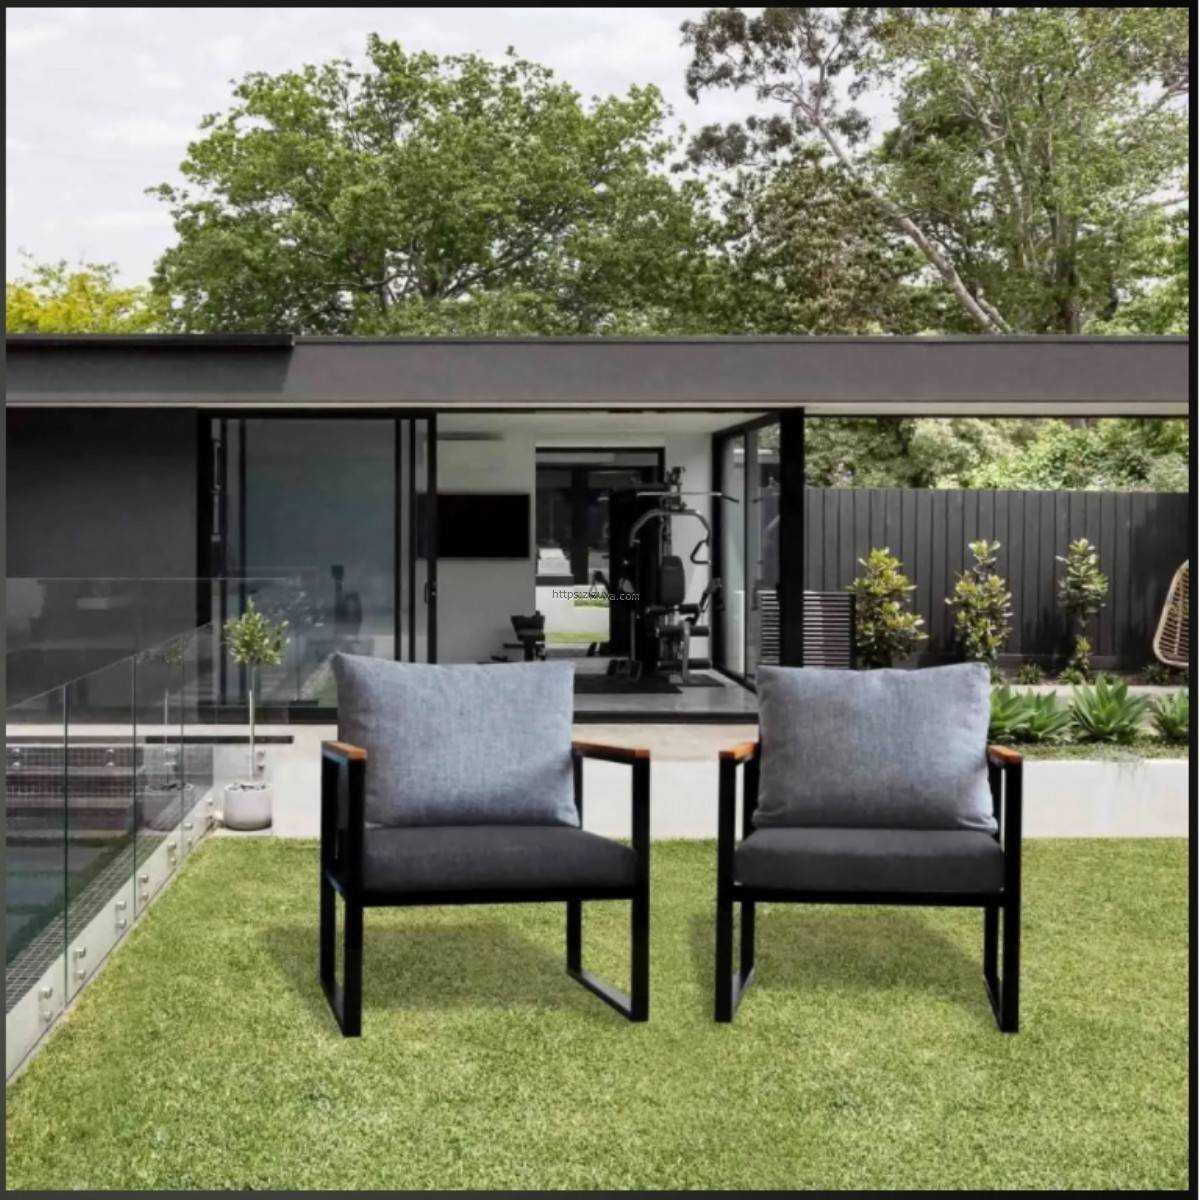 Zizuva Tasarım Tekli Garden  Bahçe Koltuğu ve Sehpa Set